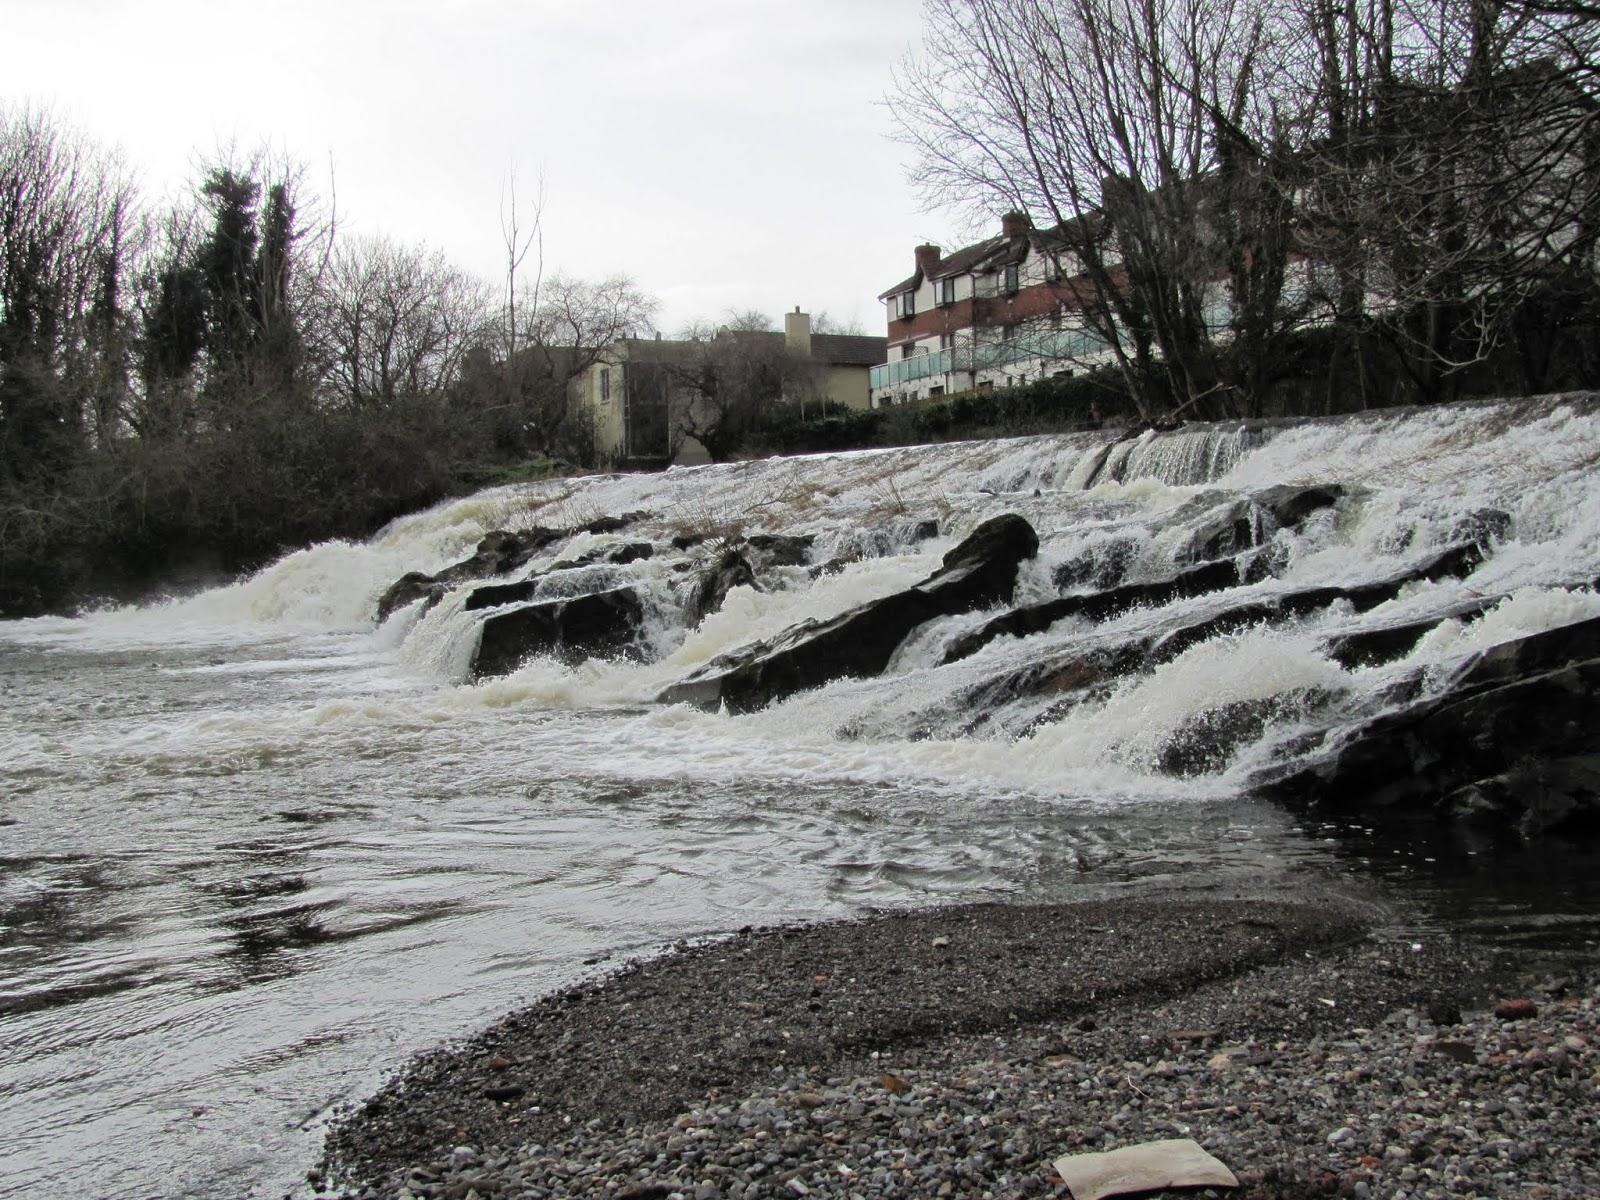 River Dodder is a Little High in Dublin